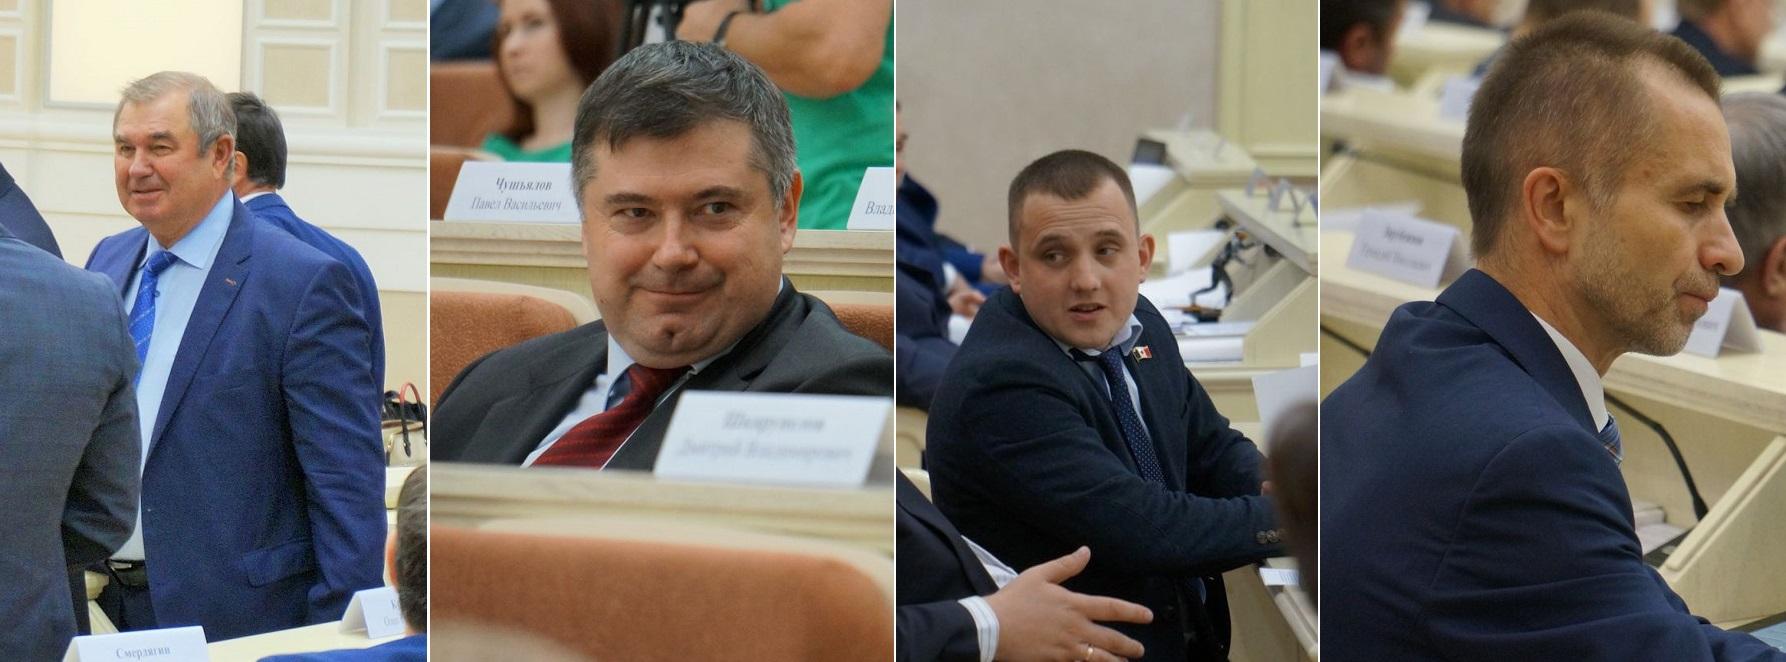 Алексей Прасолов, Владимир Чепкасов, Тимур Ягафаров и Фарид Юнусов. Фото: © «ДЕНЬ.org»